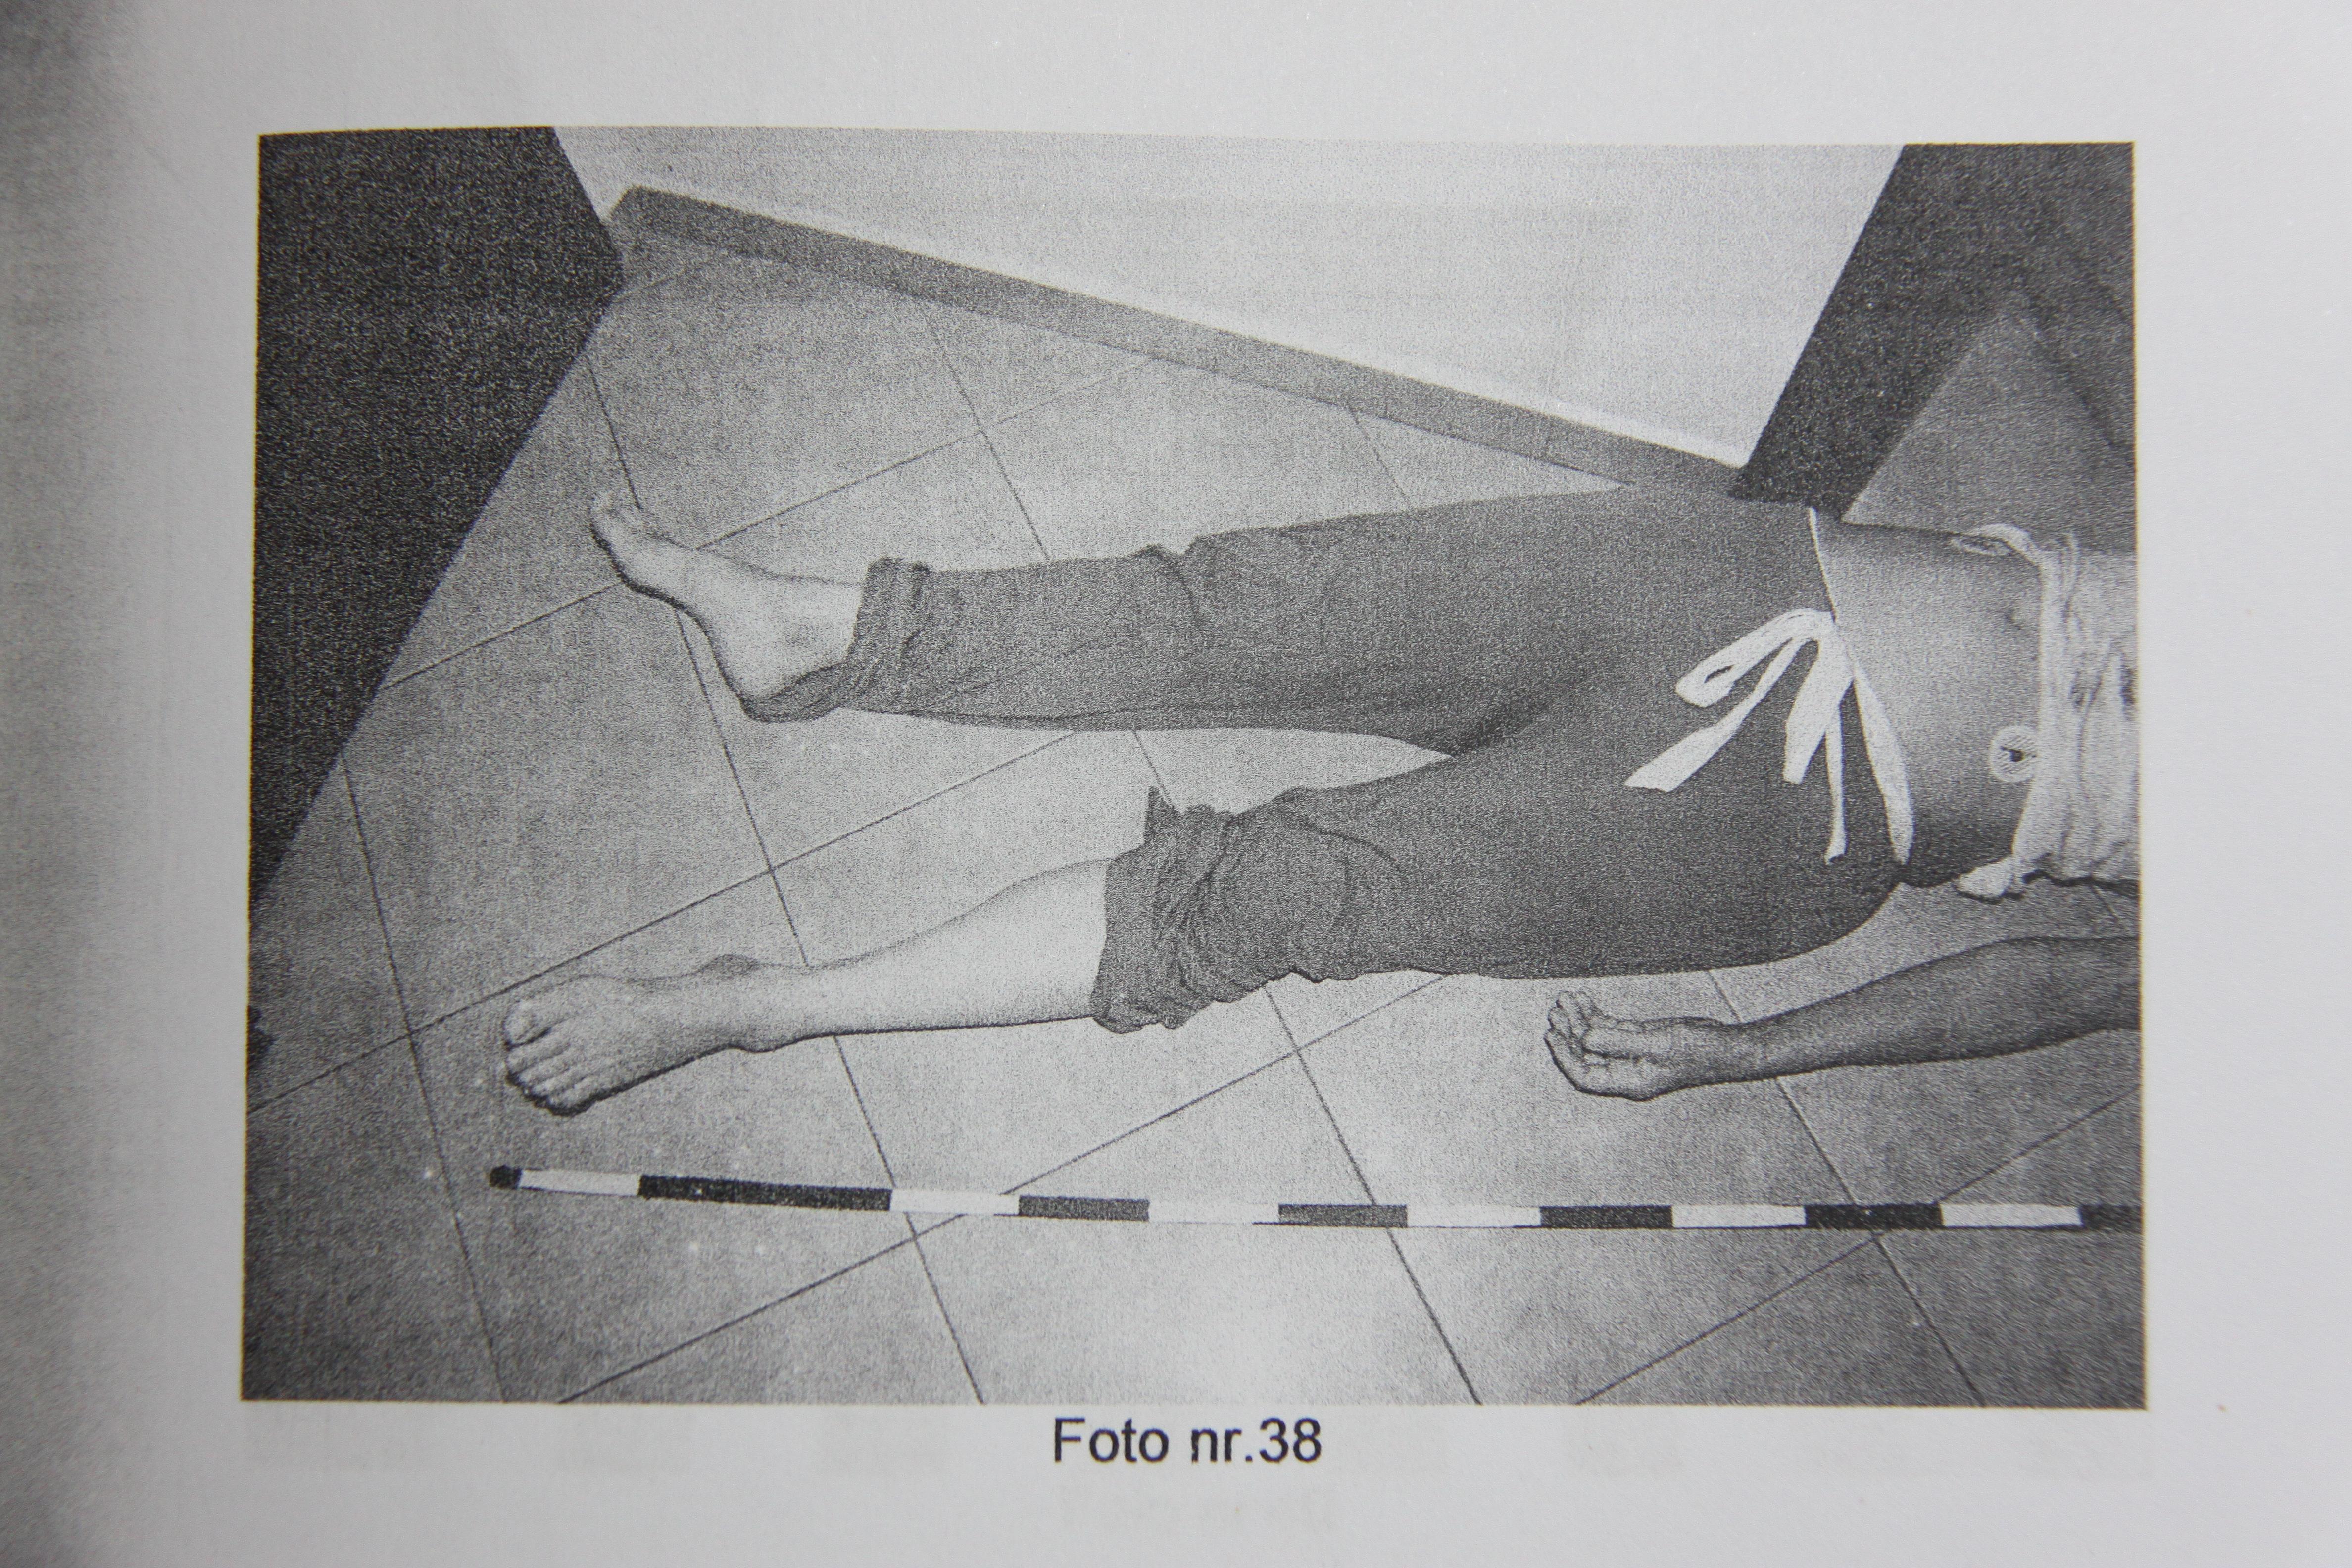 """INFIORATOR! Asta e poza cu Madalina Manole care a ajuns la FBI! """"A fost CRIMA!"""" Fotografia a fost facuta la 15 minute dupa ce a murit!Atentie – IMAGINE CU IMPACT EMOTIONAL FOARTE PUTERNIC"""